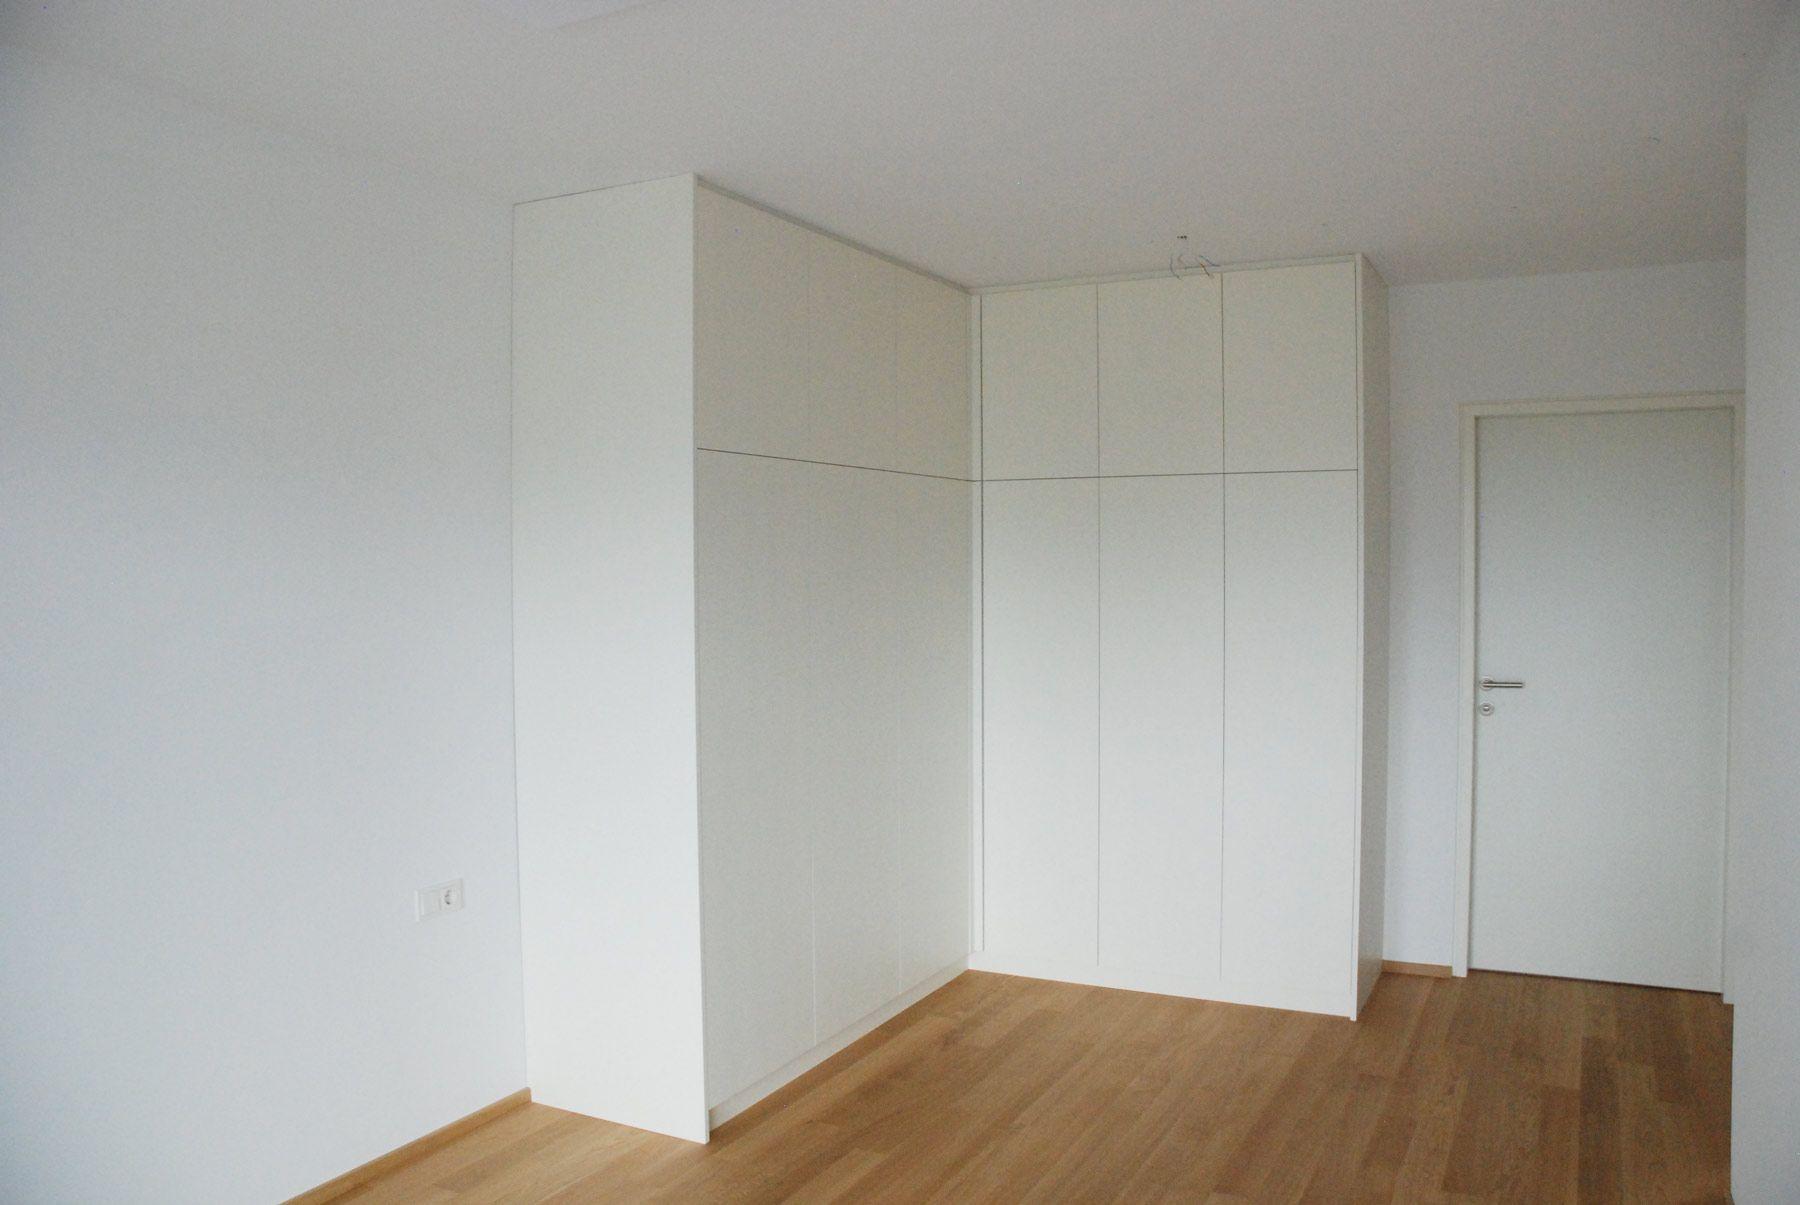 Schlafzimmer Eckschrank weiss lackiert ohne Griffe  Eckschrank